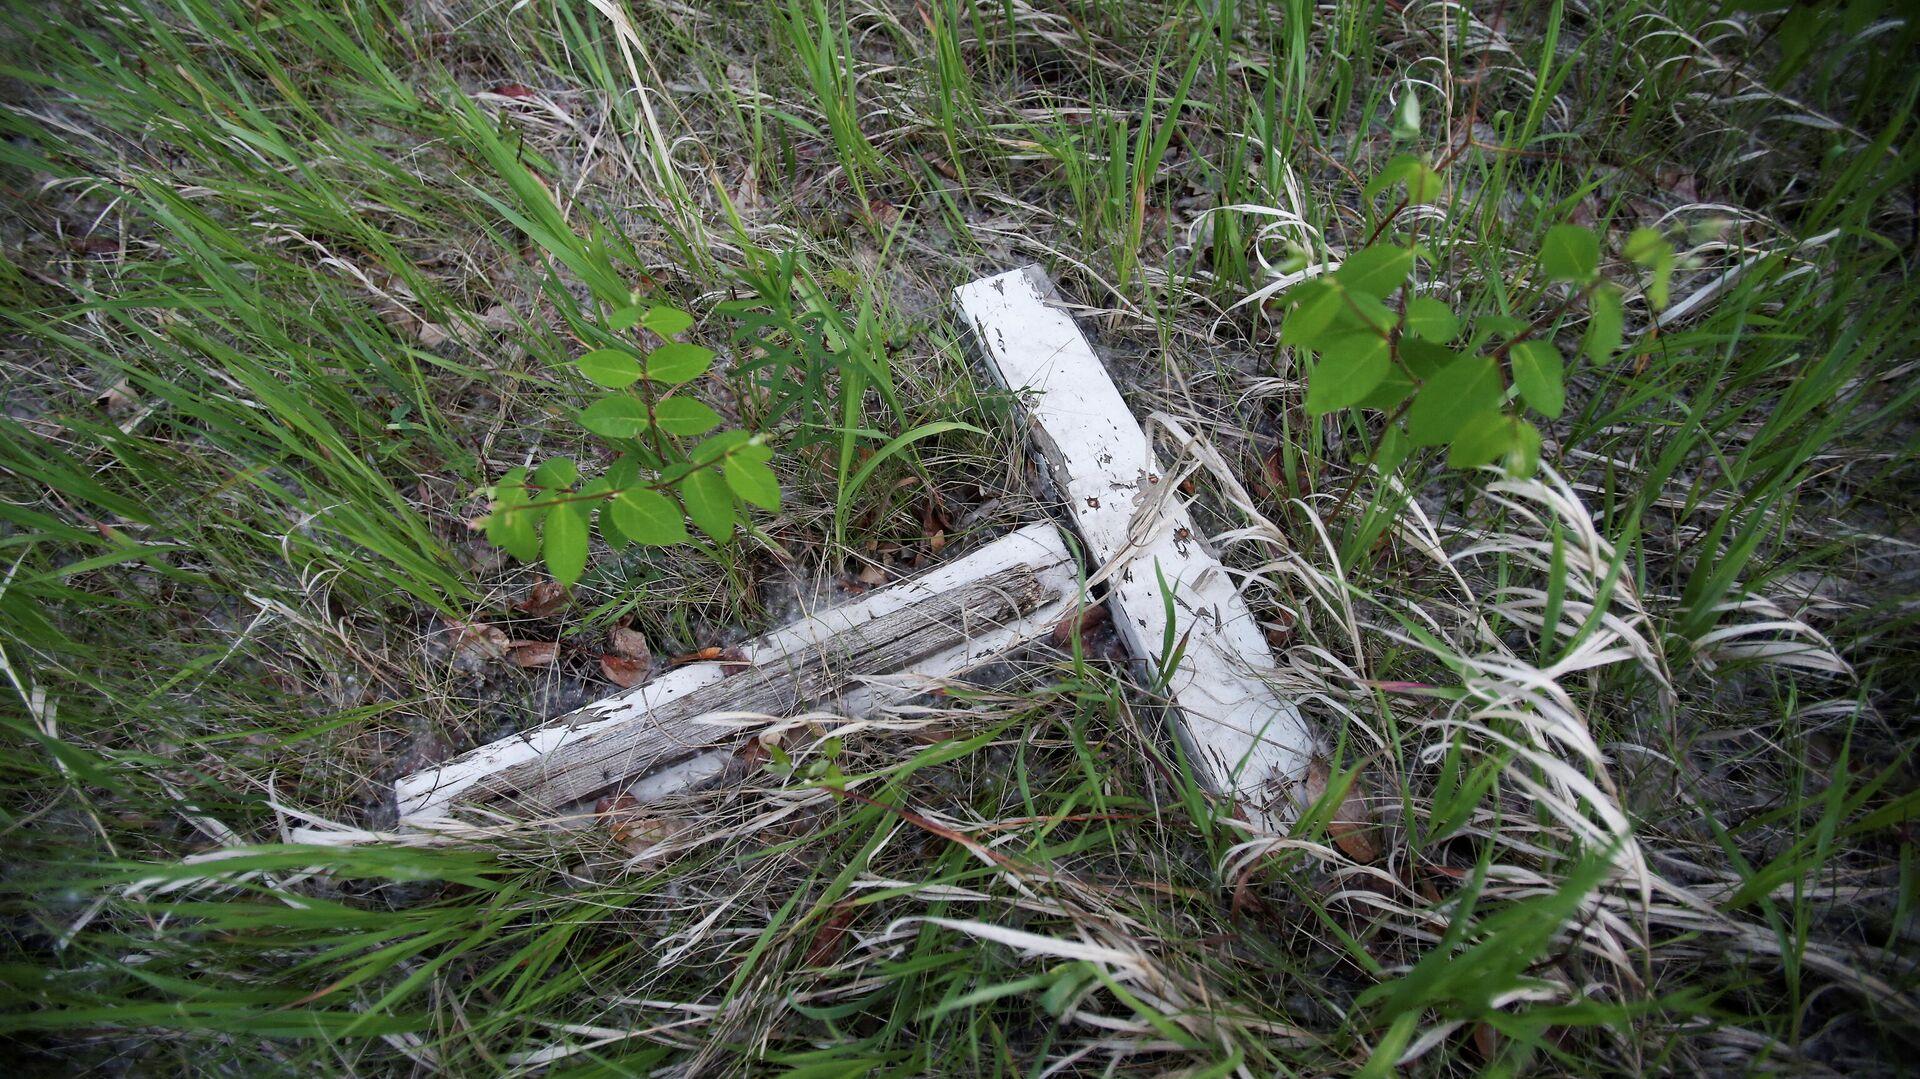 Una cruz blanca en descomposición yace en un pequeño cementerio en Canadá - Sputnik Mundo, 1920, 30.06.2021